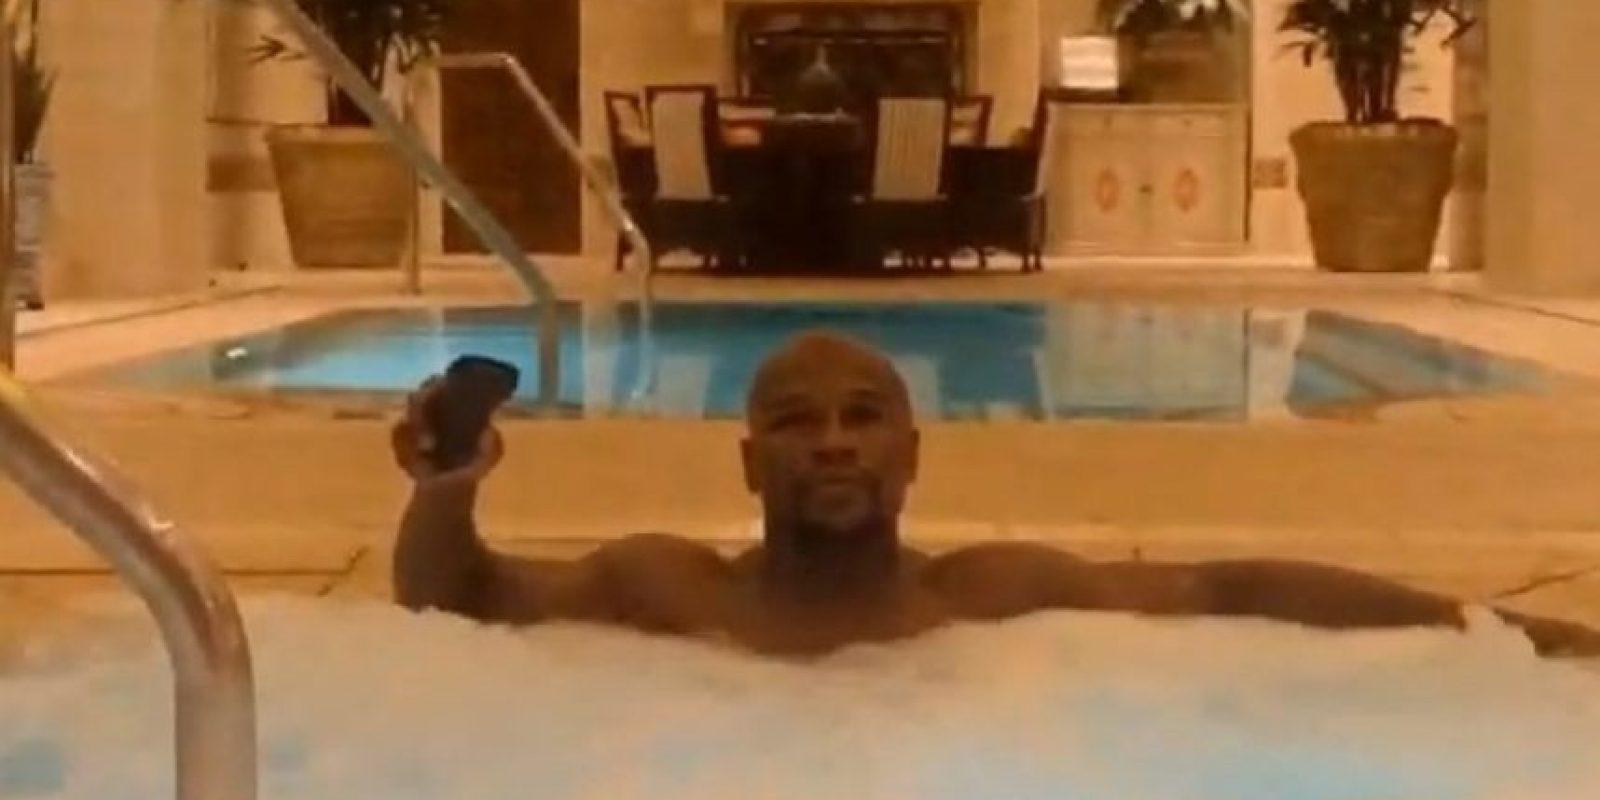 El boxeador presume su lujosa vida en las redes sociales Foto:Instagram: @floydmayweather